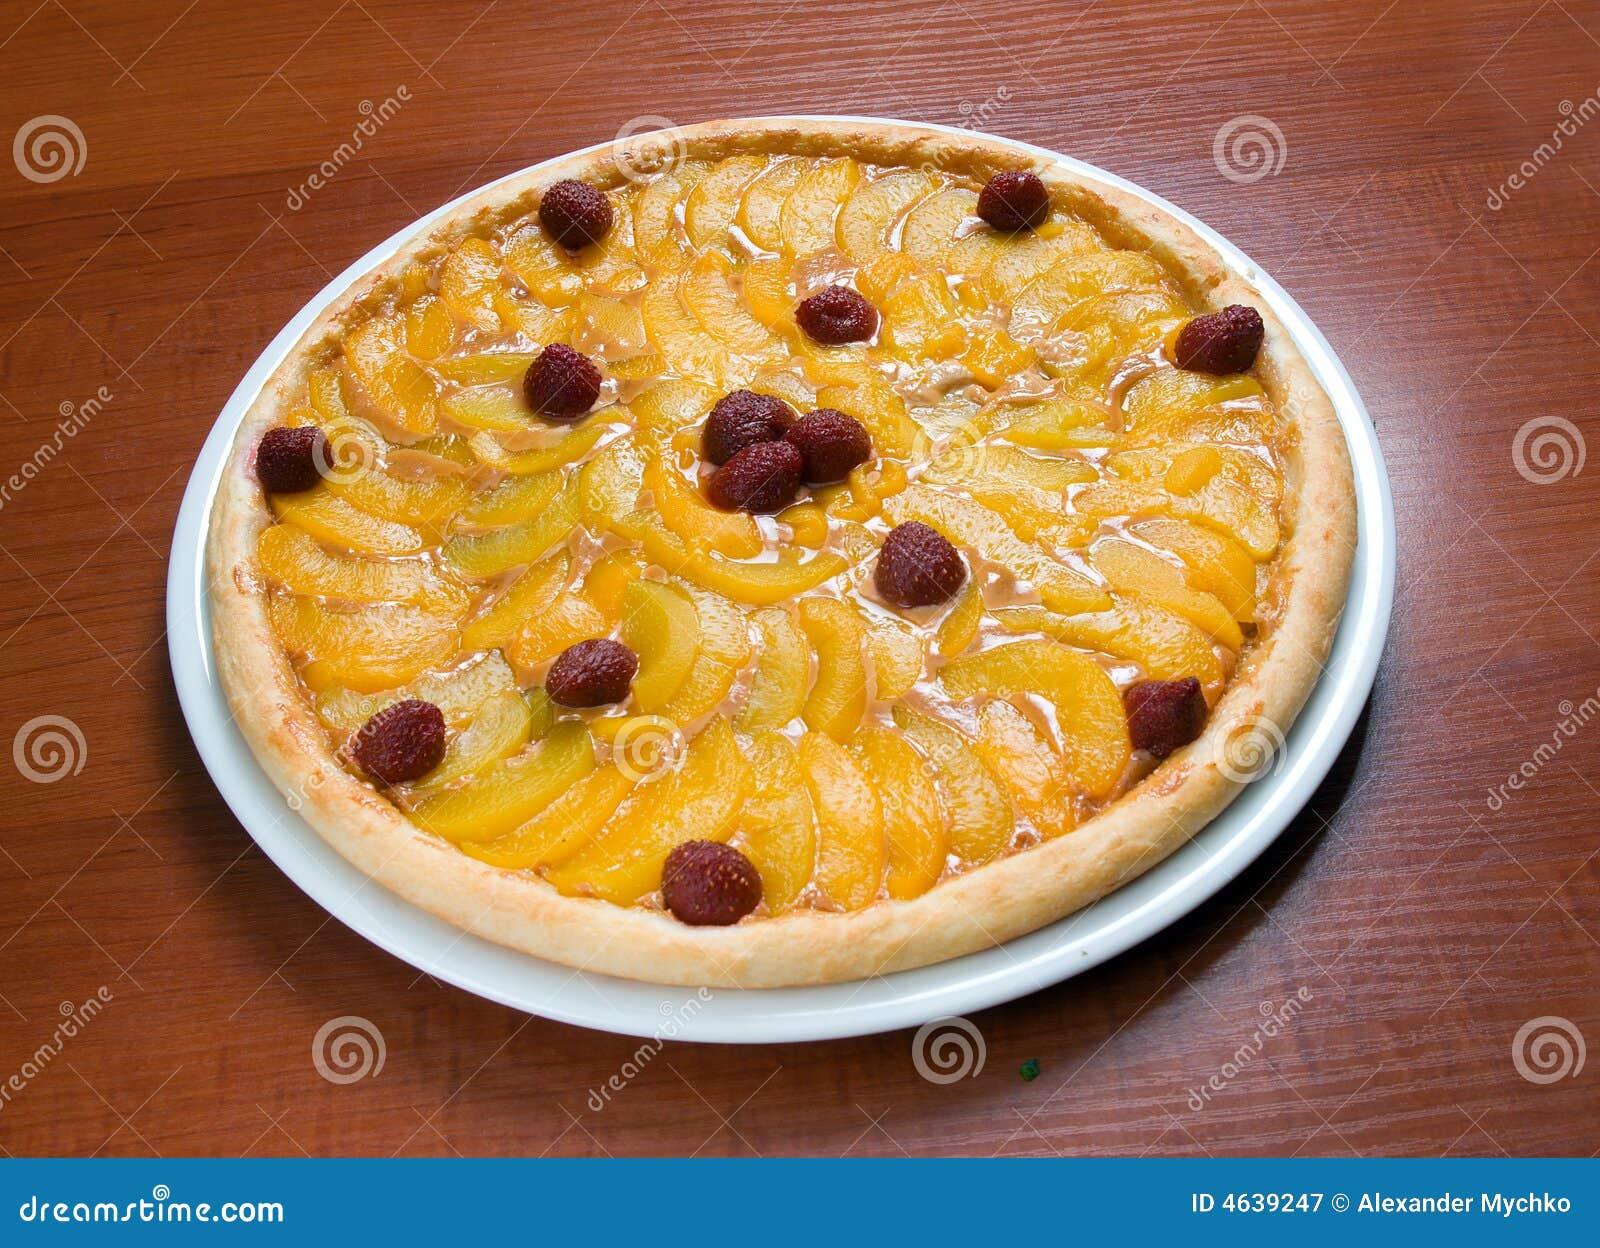 Pizza doce com fruta